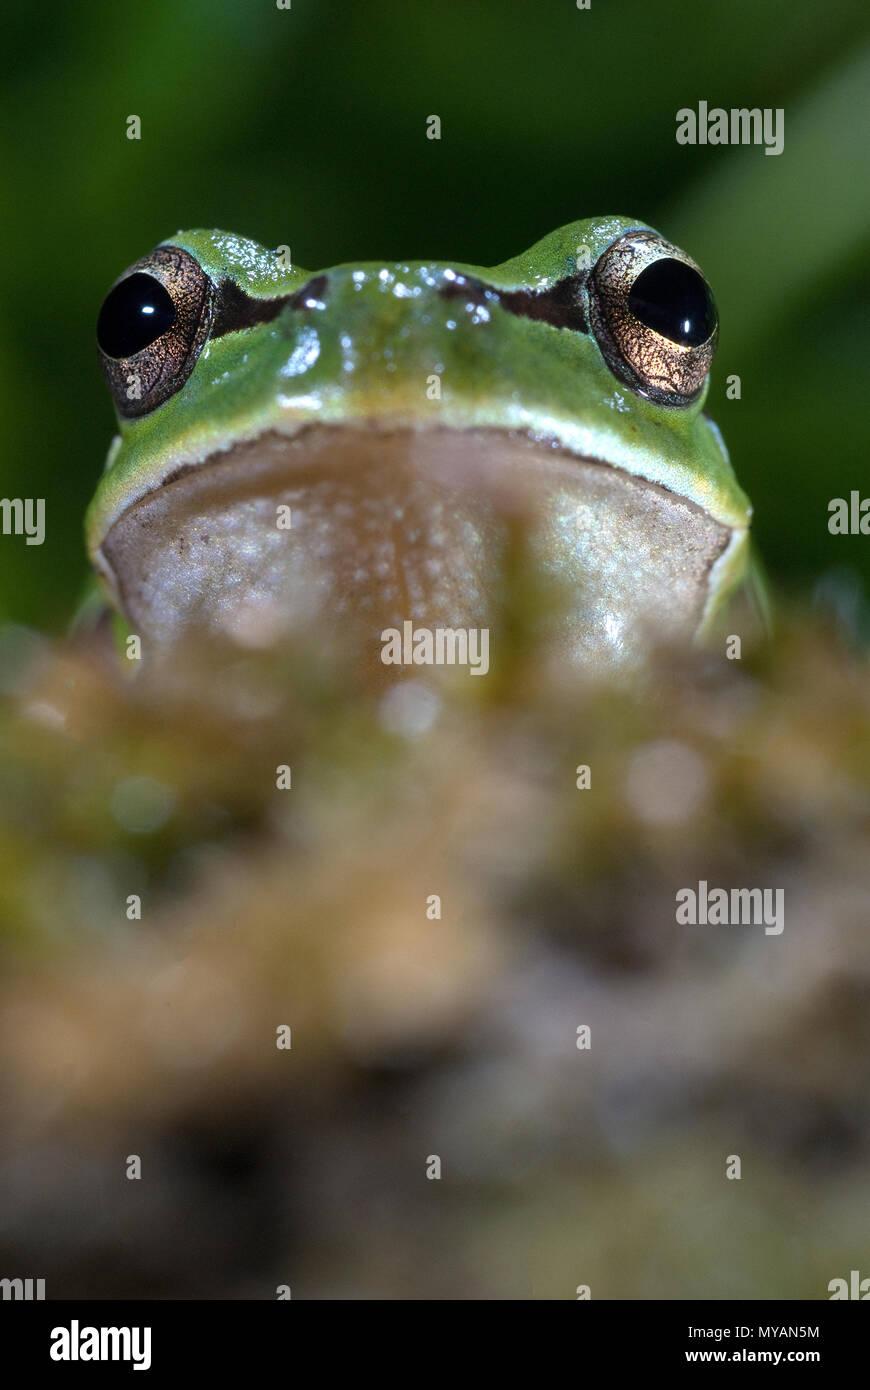 Green Little Eyes Imágenes De Stock & Green Little Eyes Fotos De ...